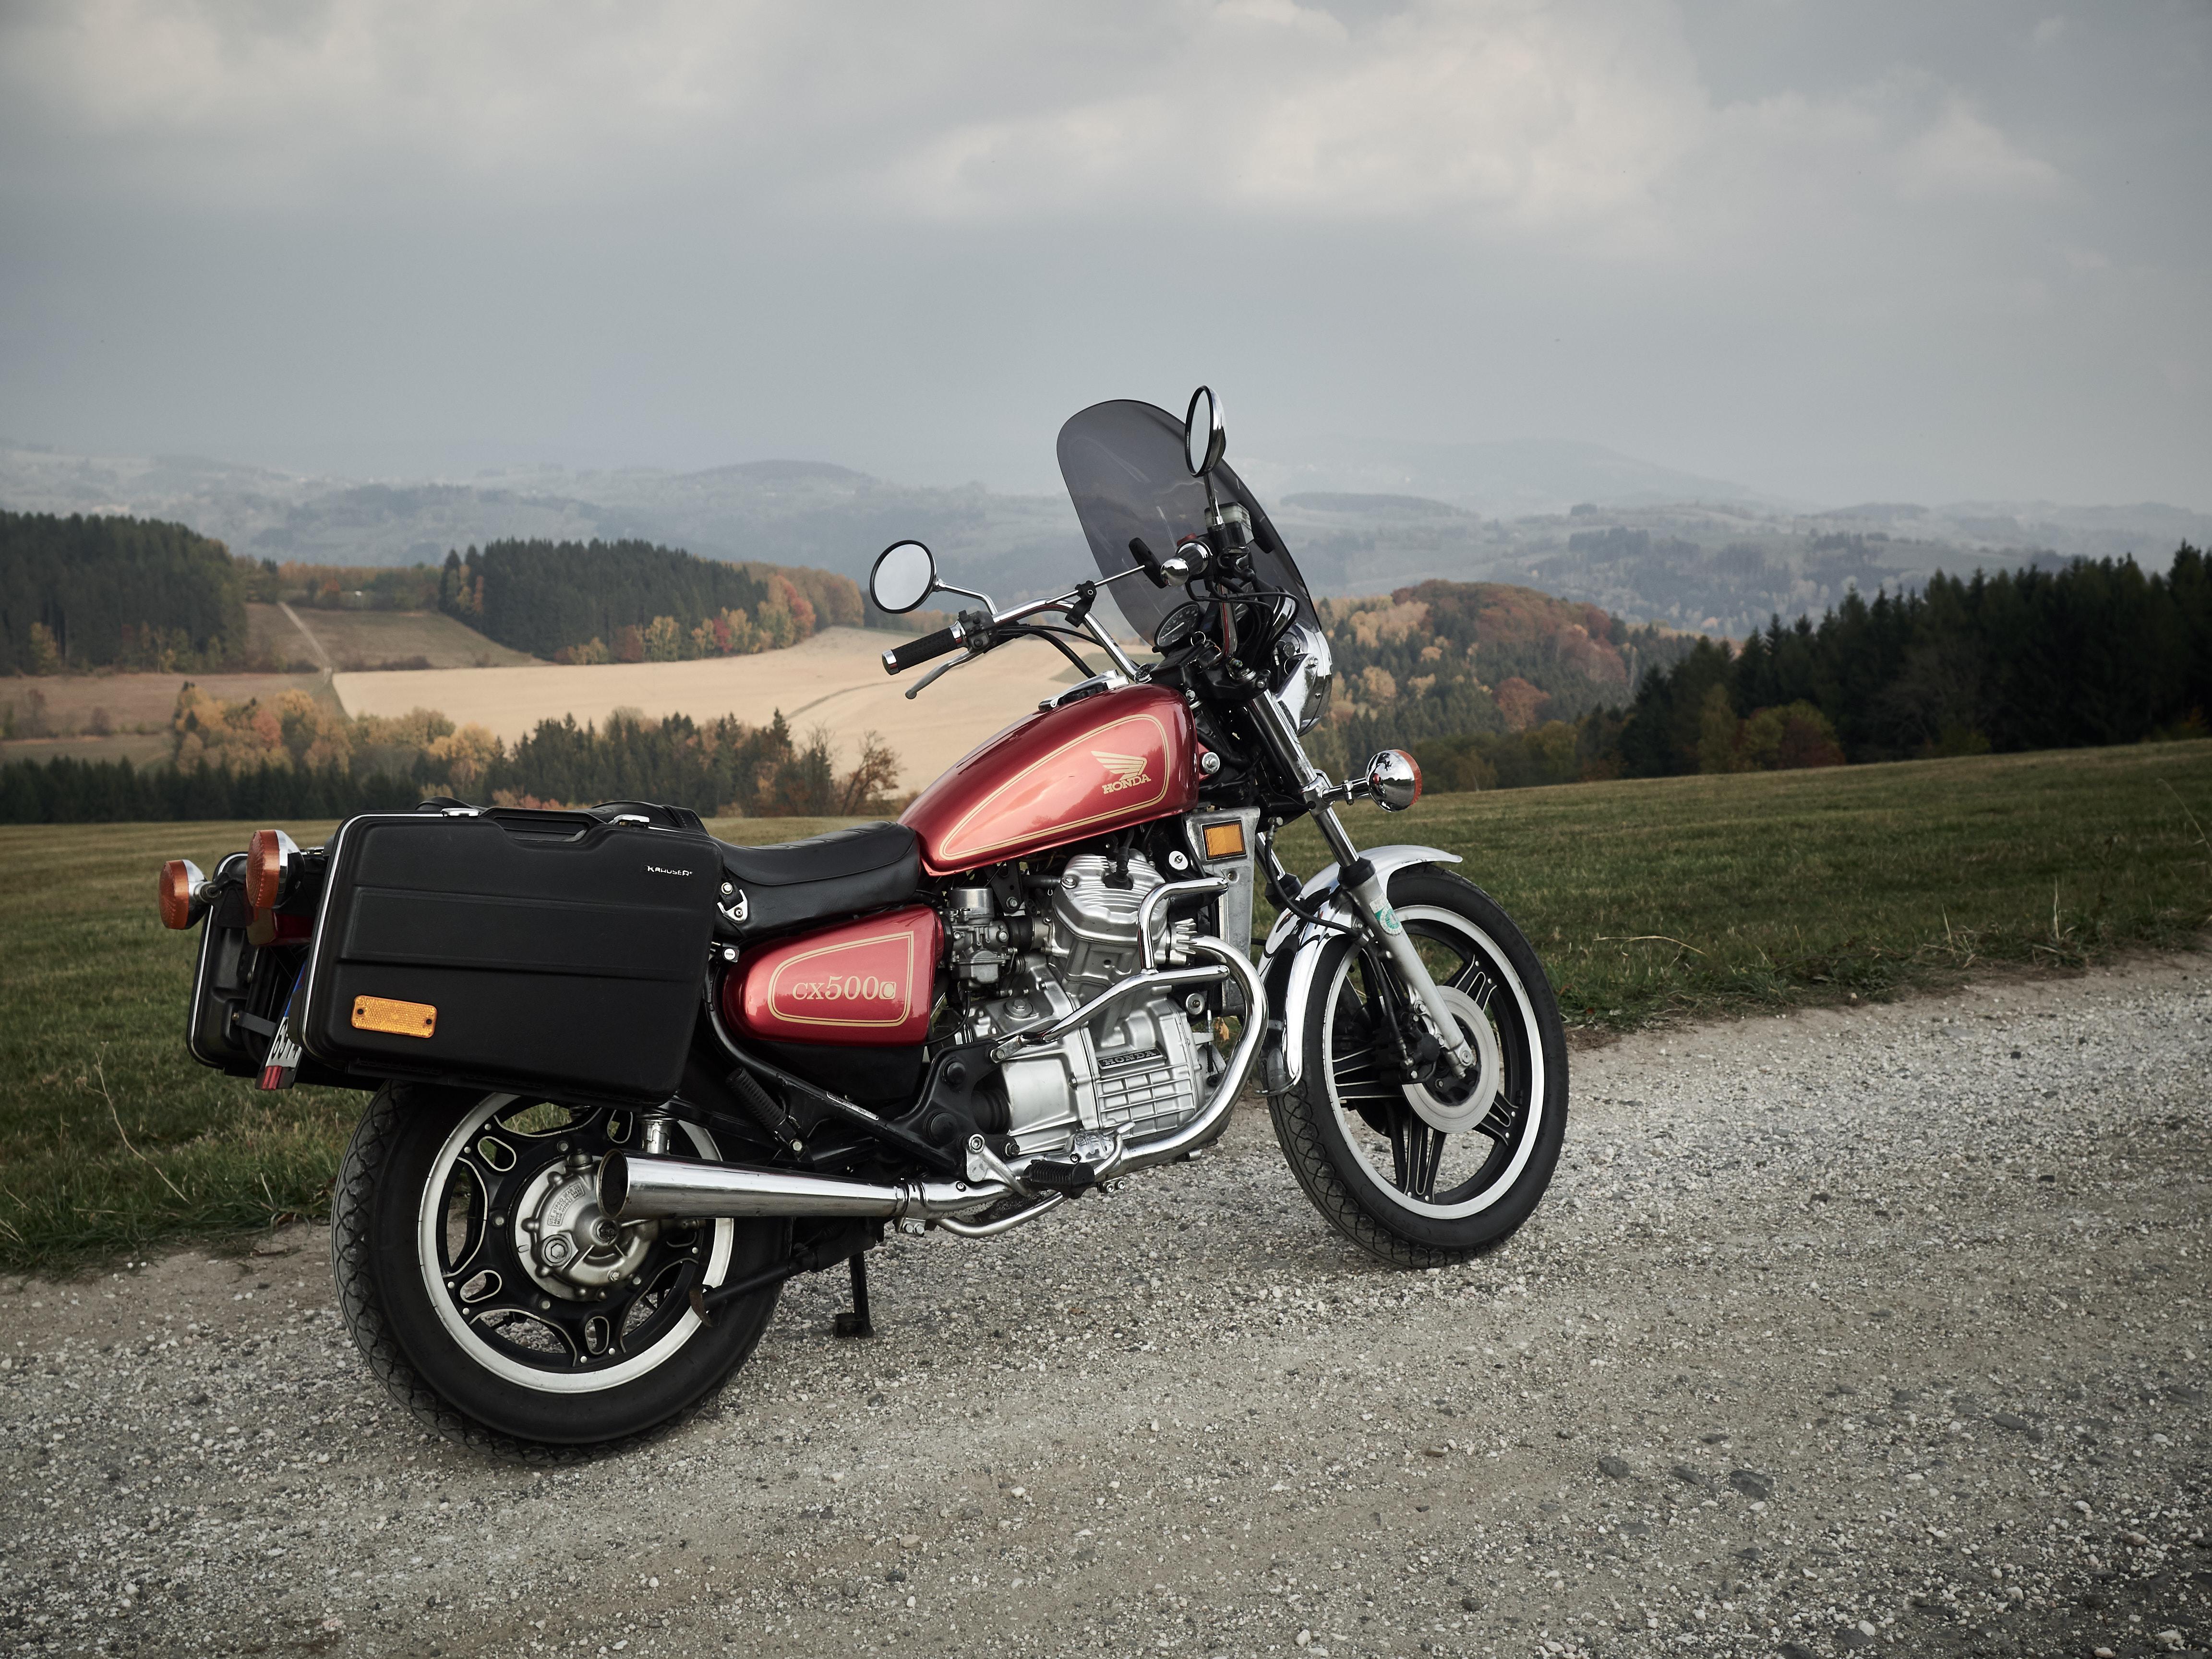 Darmowe Zdjęcia Motocykl Cx500 Zwyczaj Krauser Jesień